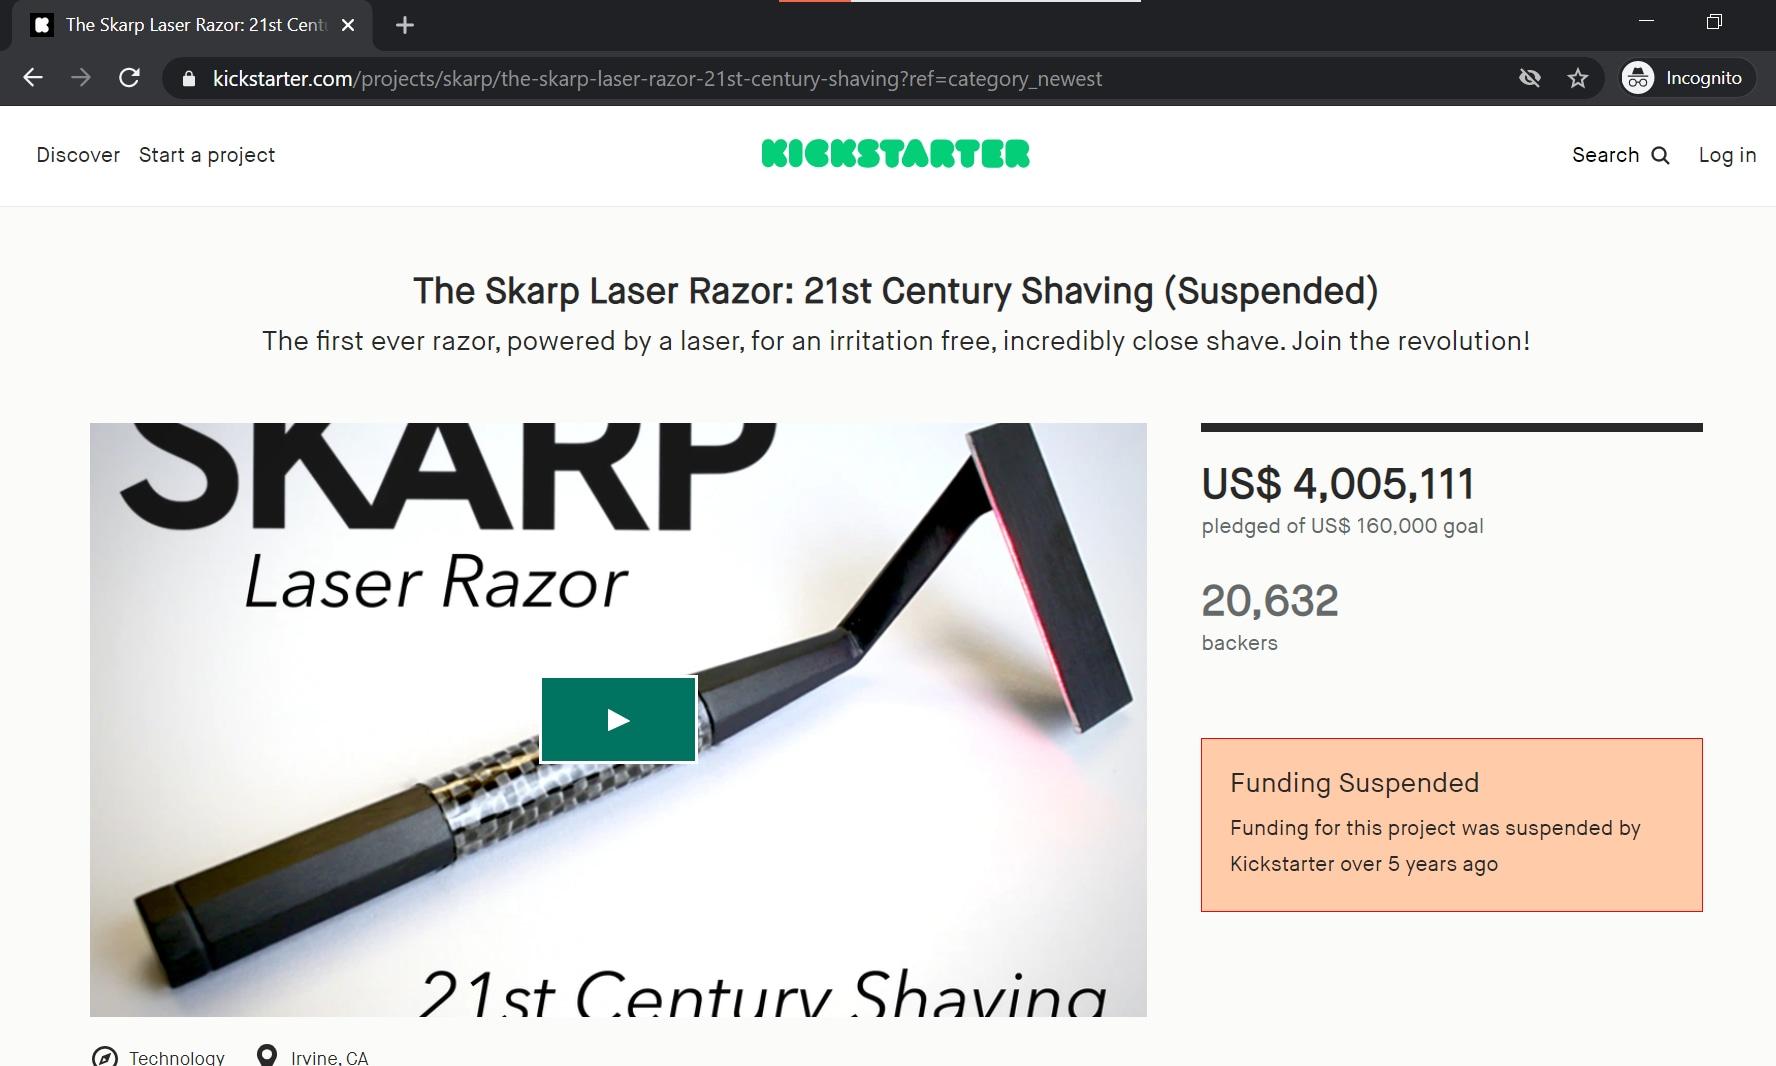 Skarp Laser Razor produc showcase